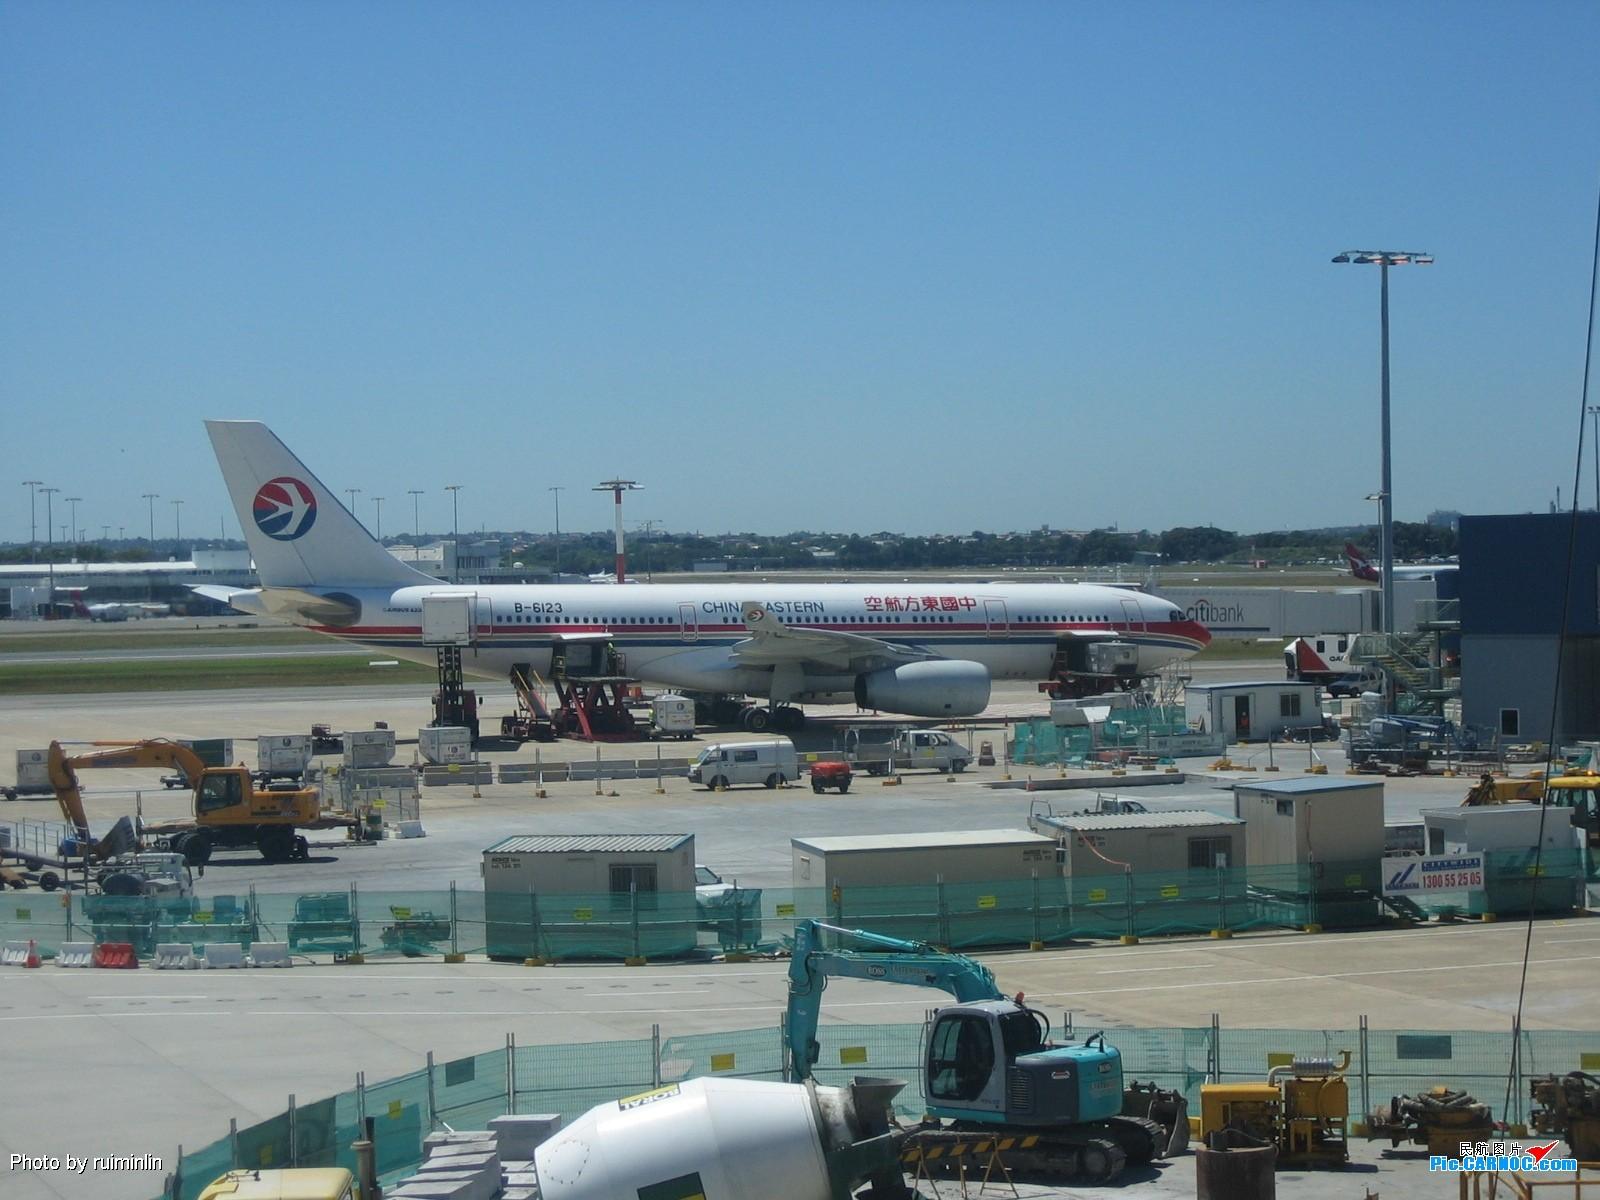 Re:[原创]【深圳打机队】把自己拍过的东航飞机做个小小的总结,欢迎大家按一楼没有出现的飞机编号跟图,我们一起来完善东航飞机系列图! AIRBUS A330-200 B-6123 悉尼机场